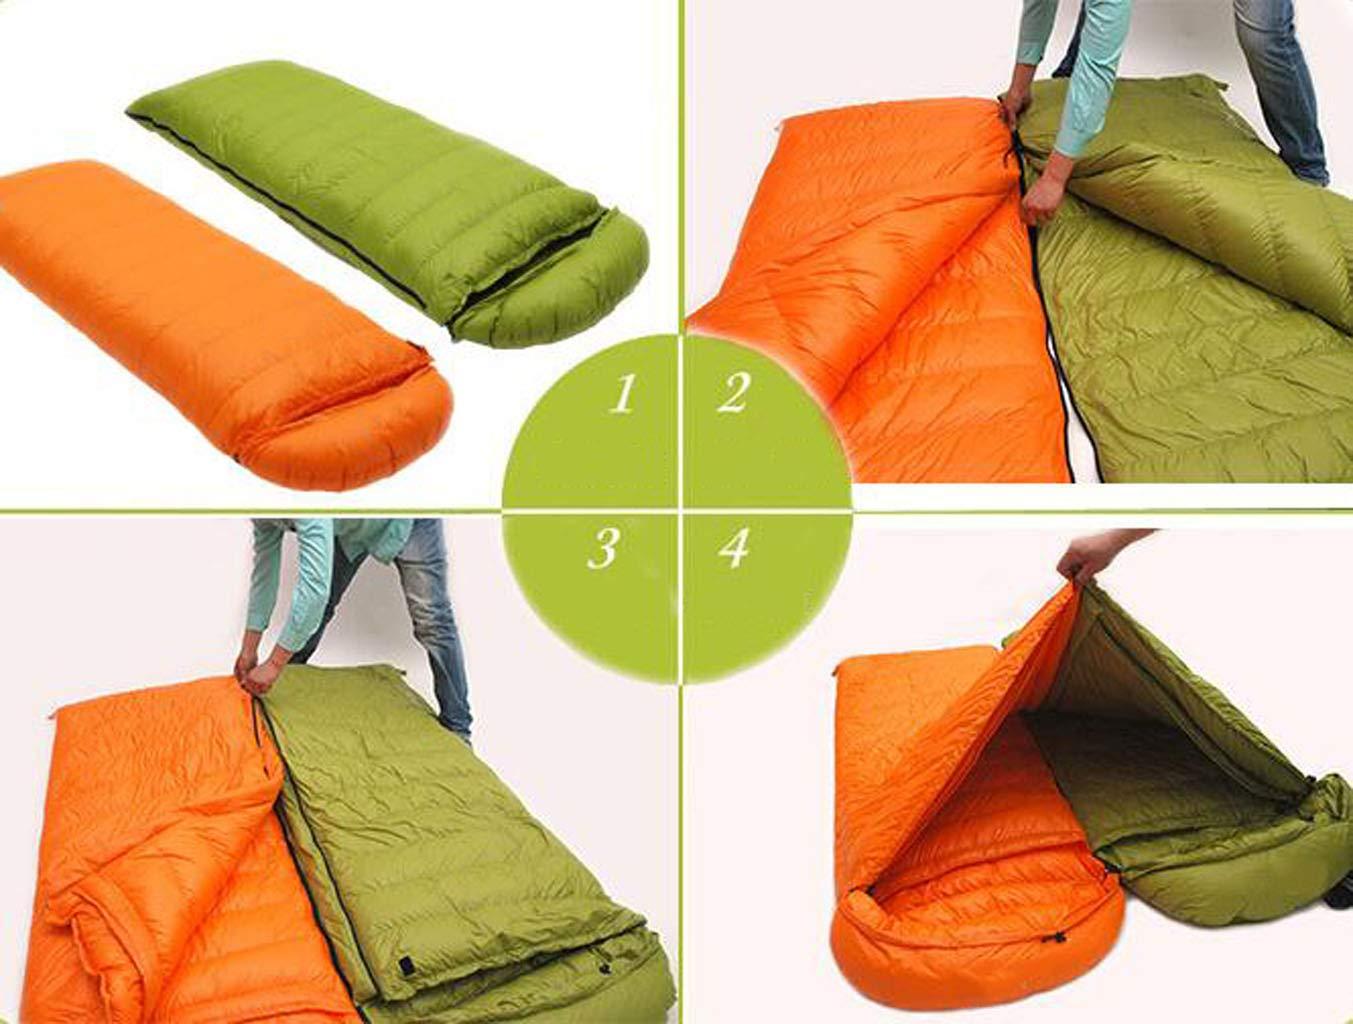 JBHURF Outdoor Erwachsene Erwachsene Erwachsene Camping Schlafsack Vier Jahreszeiten Bergsteigen Umschlag Typ Ultraleichte Daunenschlafsack (Kapazität   0.4kg, Farbe   rot1) B07KJ9SBS8 Mumienschlafscke Saisonale Förderung 404301